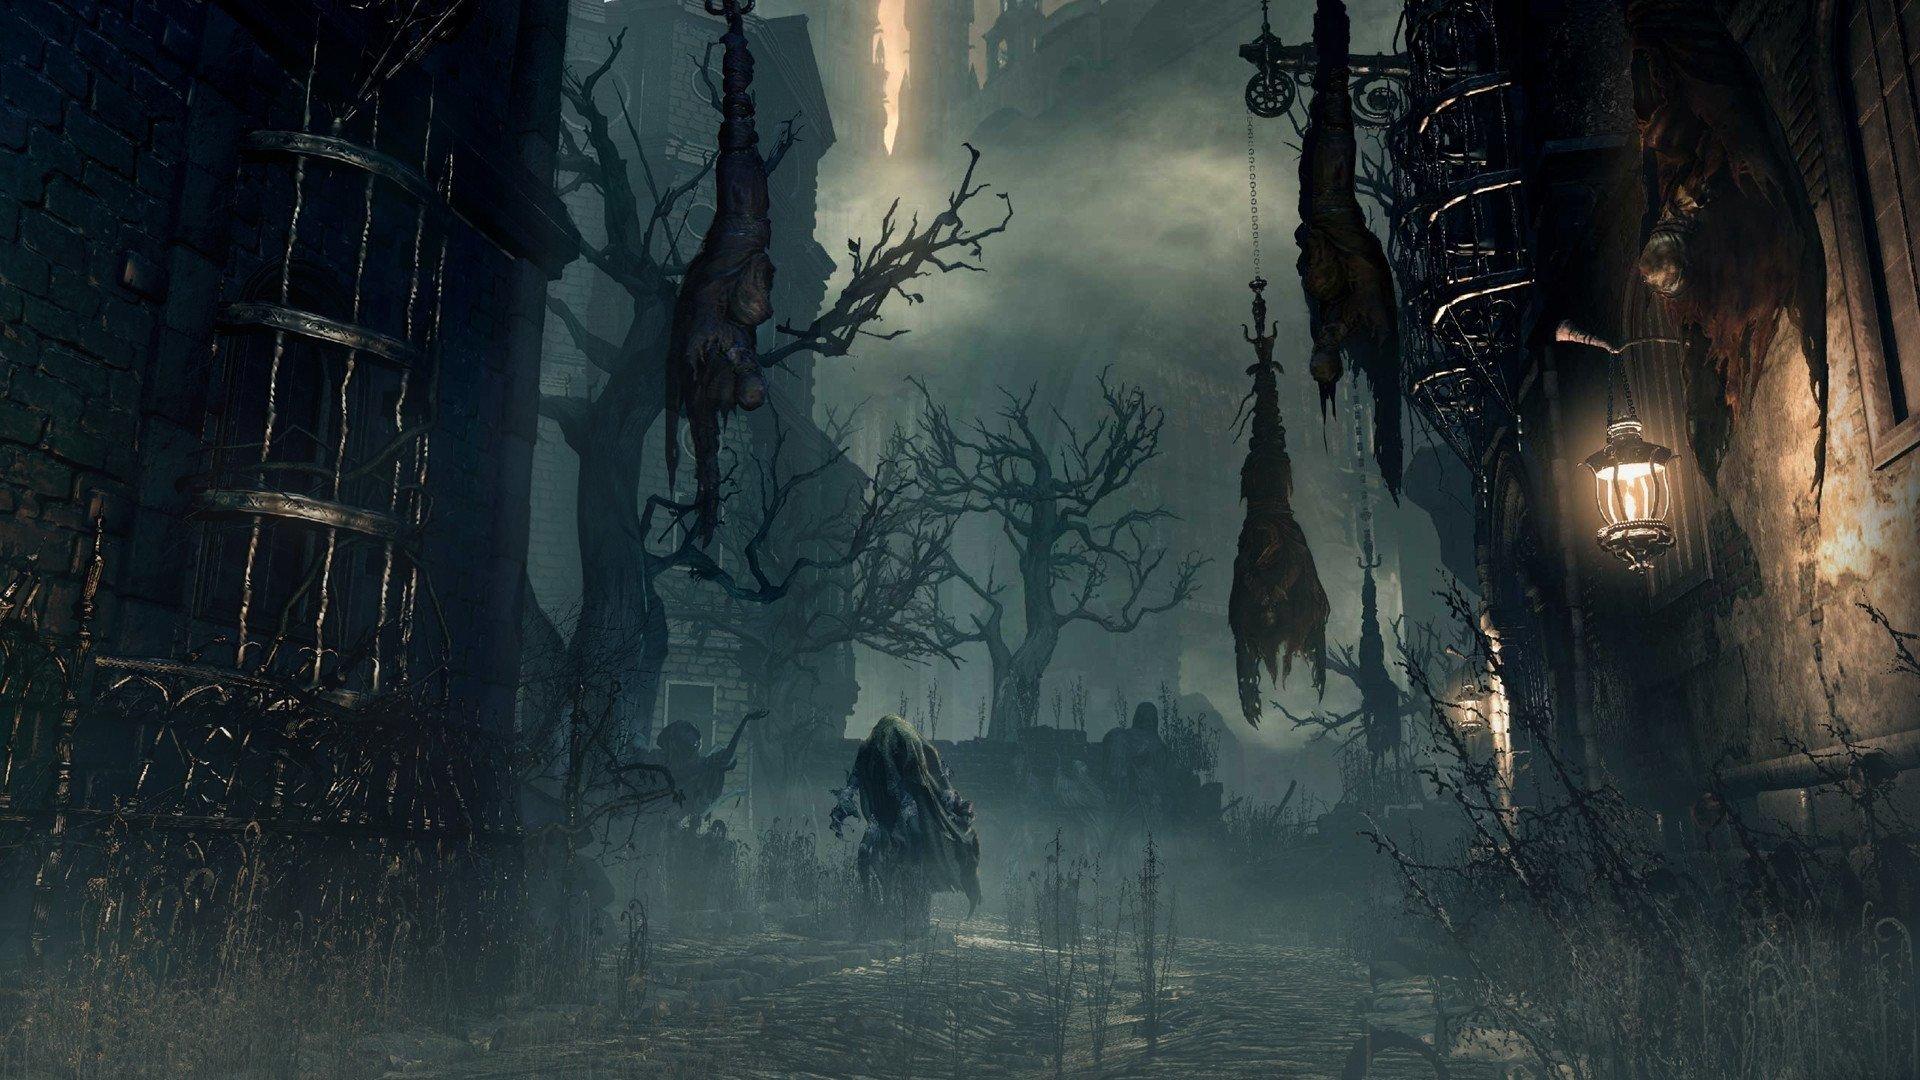 Bloodborne - Yharnam